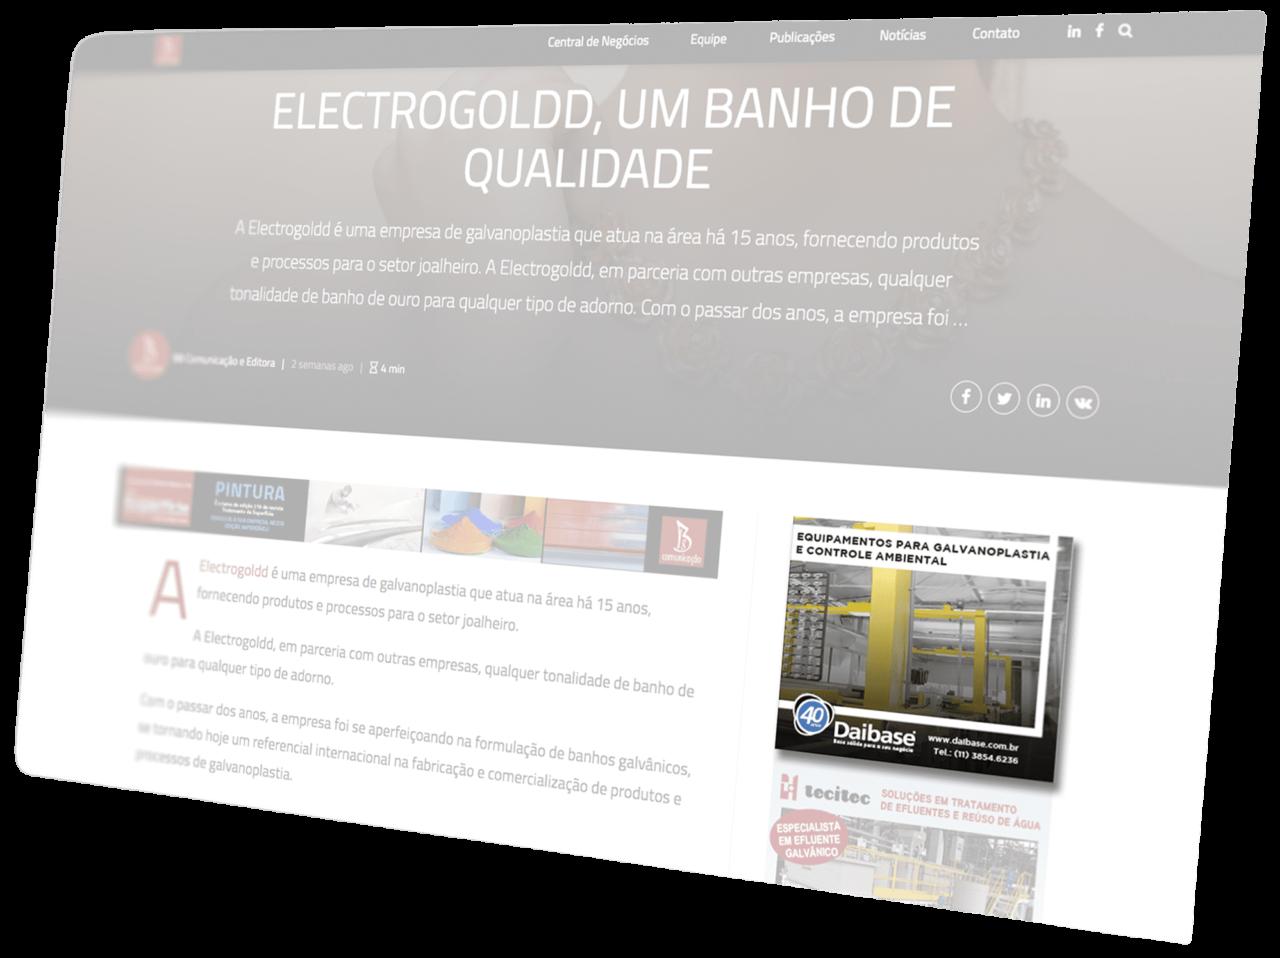 https://b8comunicacao.com.br/wp-content/uploads/2019/12/quarto-anuncie-tratamento-de-superficie-1280x958.png